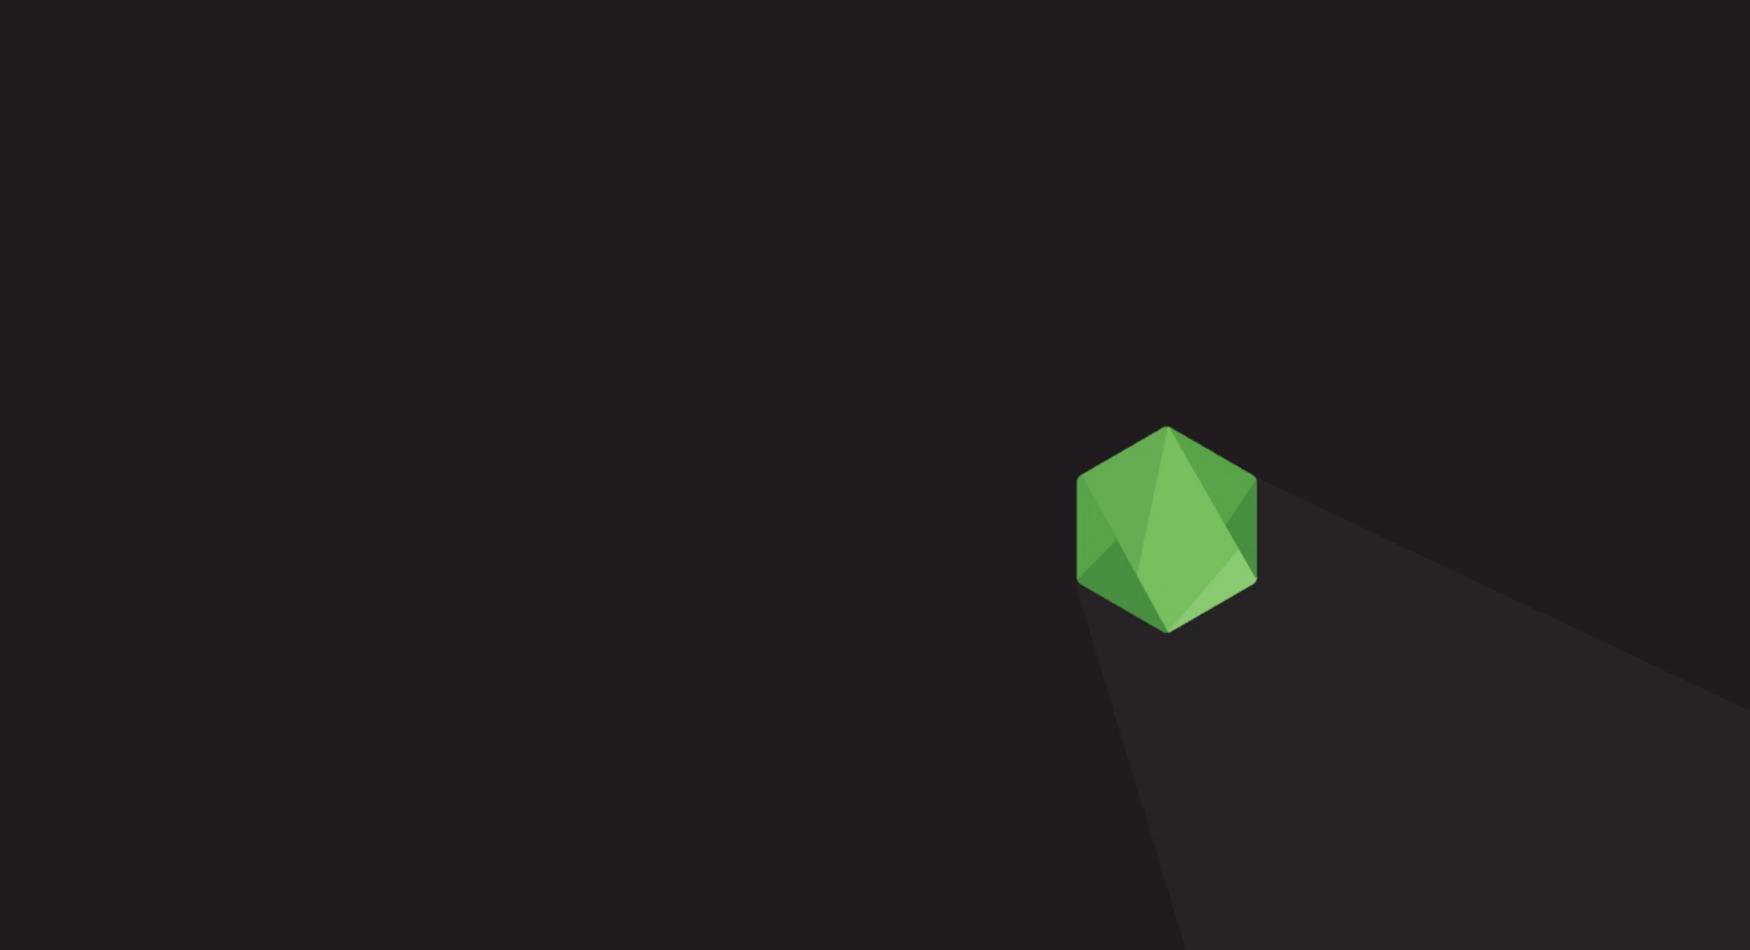 node js developers